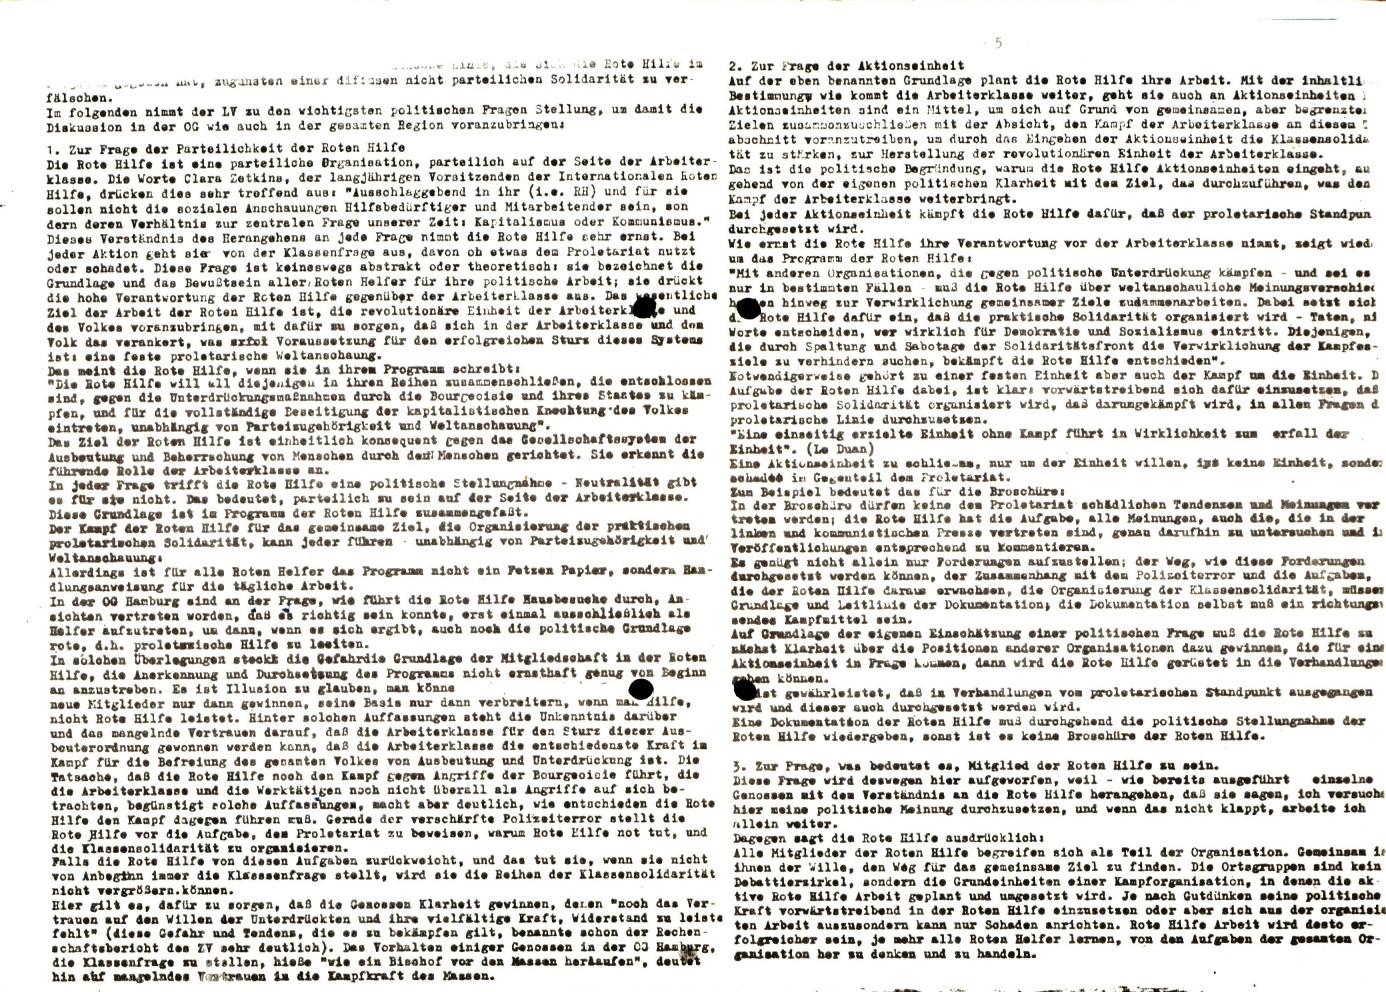 NOR_RHeV_Mitgliederrundbrief_19740900_03